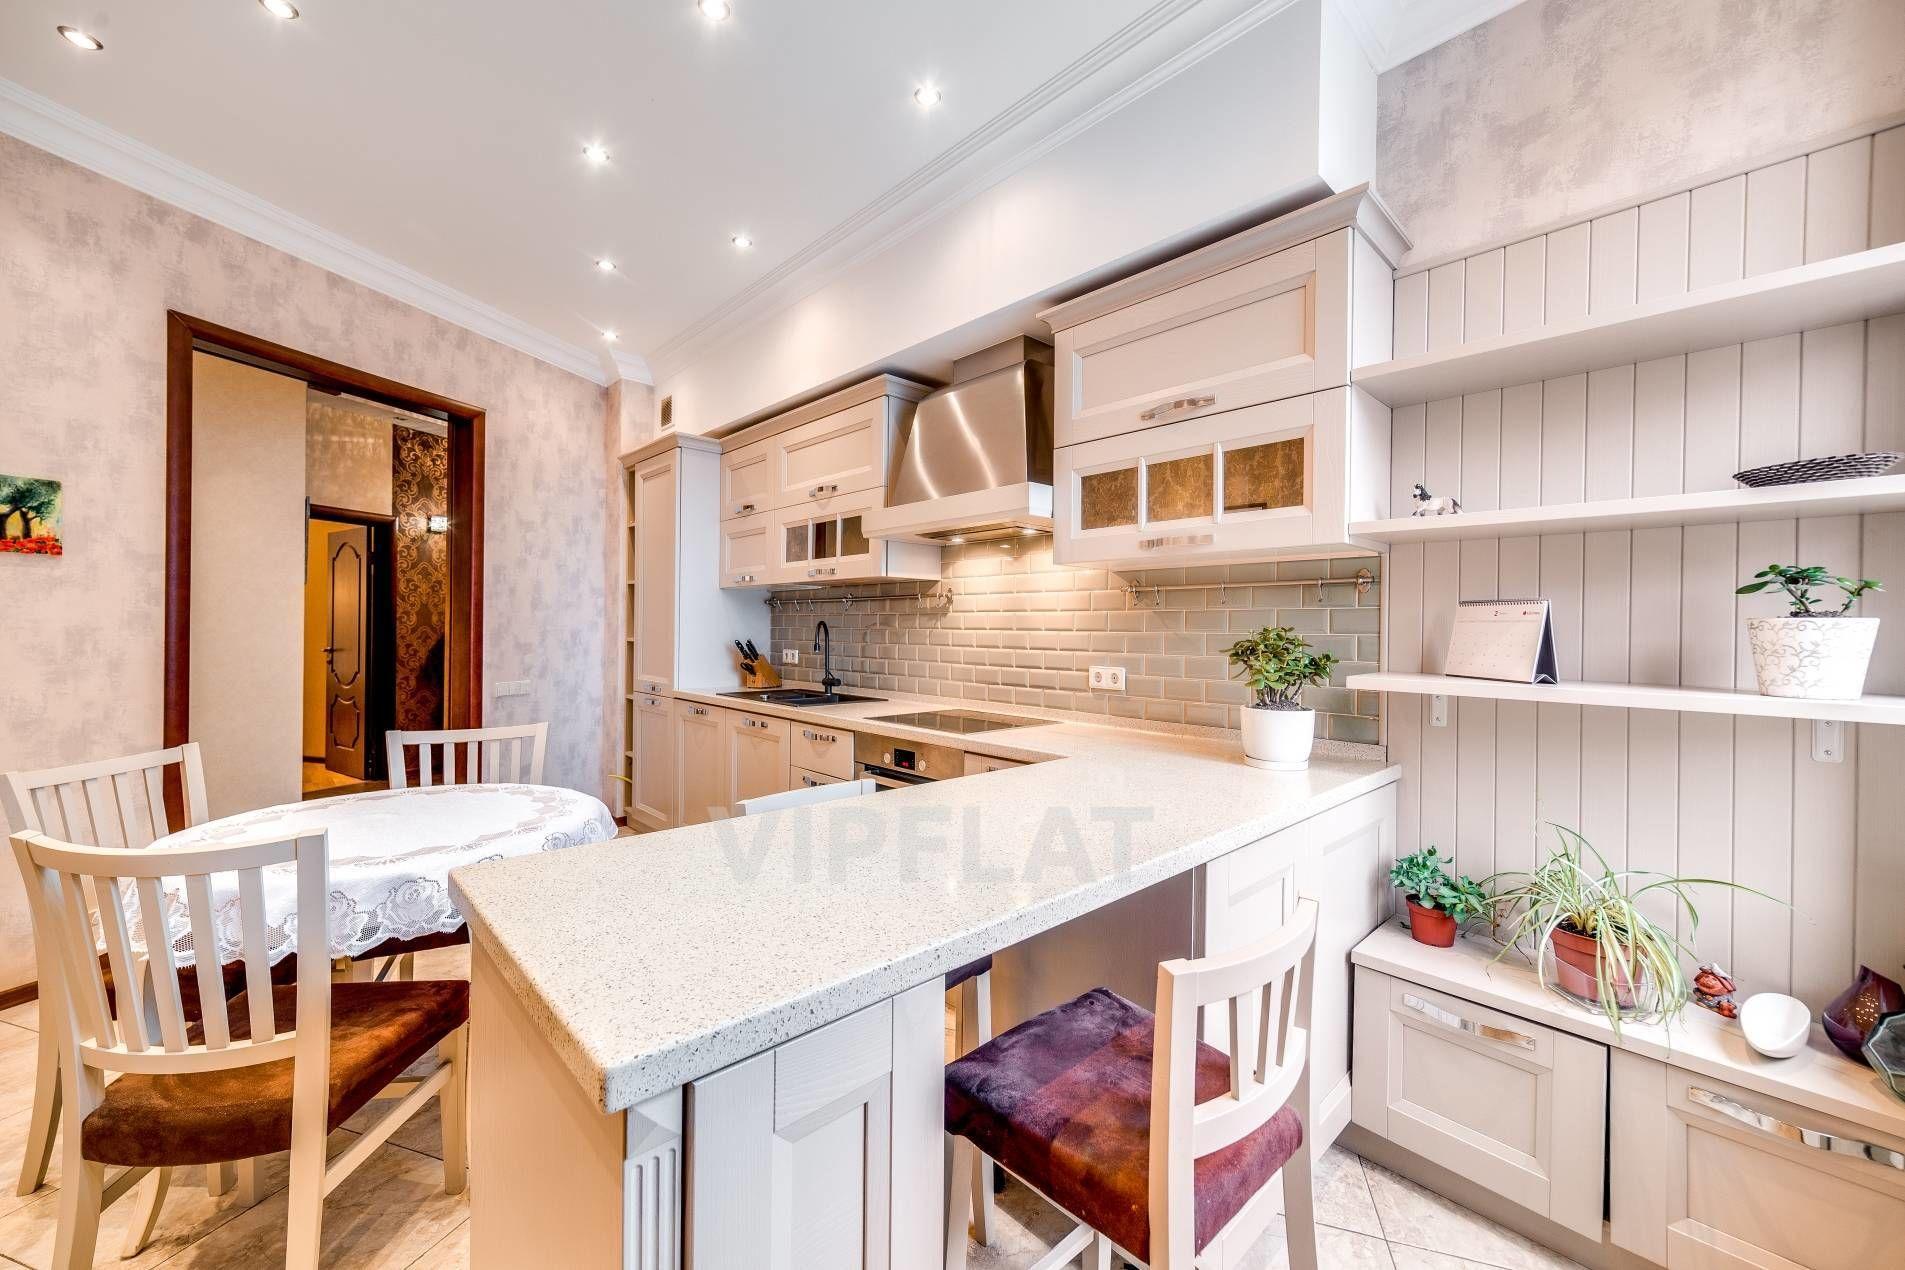 Продажа элитных квартир Санкт-Петербурга. Парадная, 3 к. 2 Уютная кухня